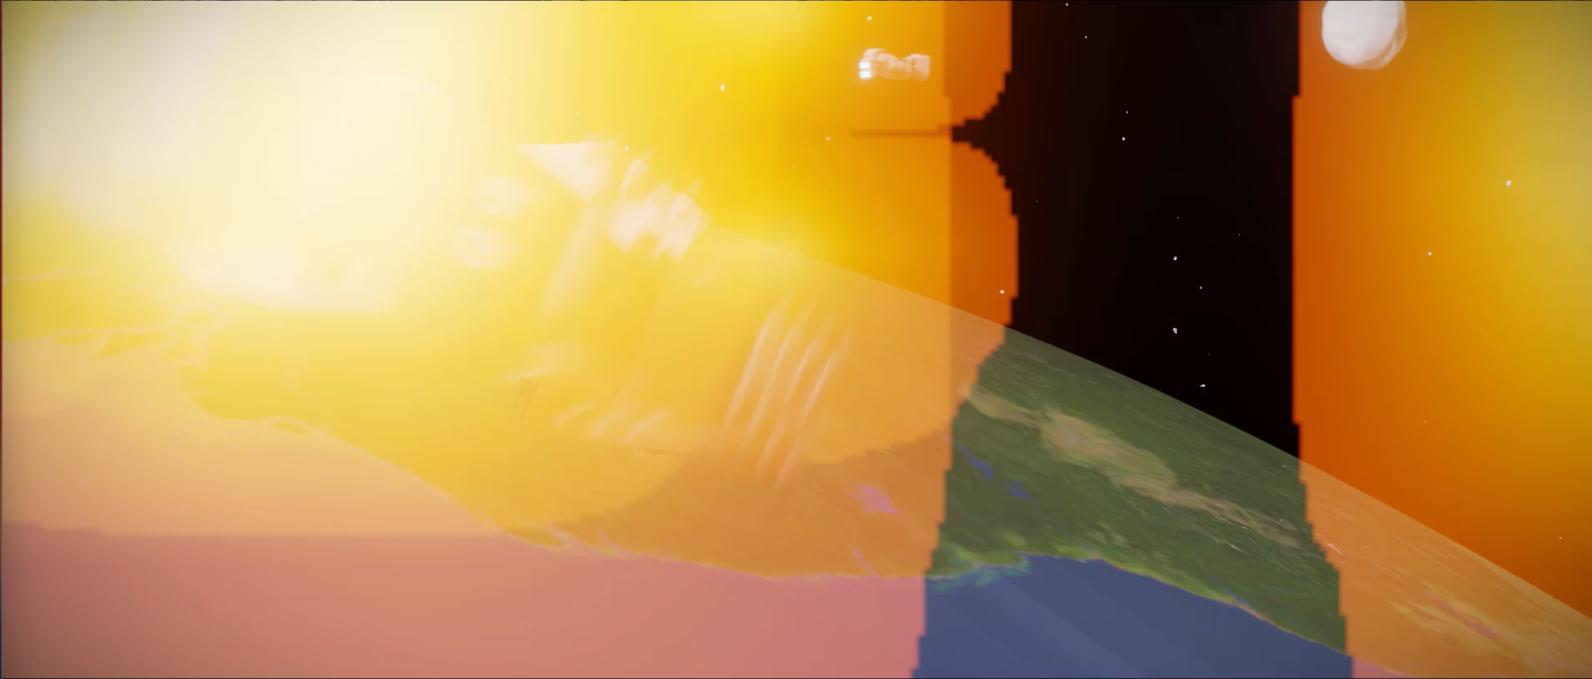 Screen Shot 2021-02-28 at 5.06.52 PM.png